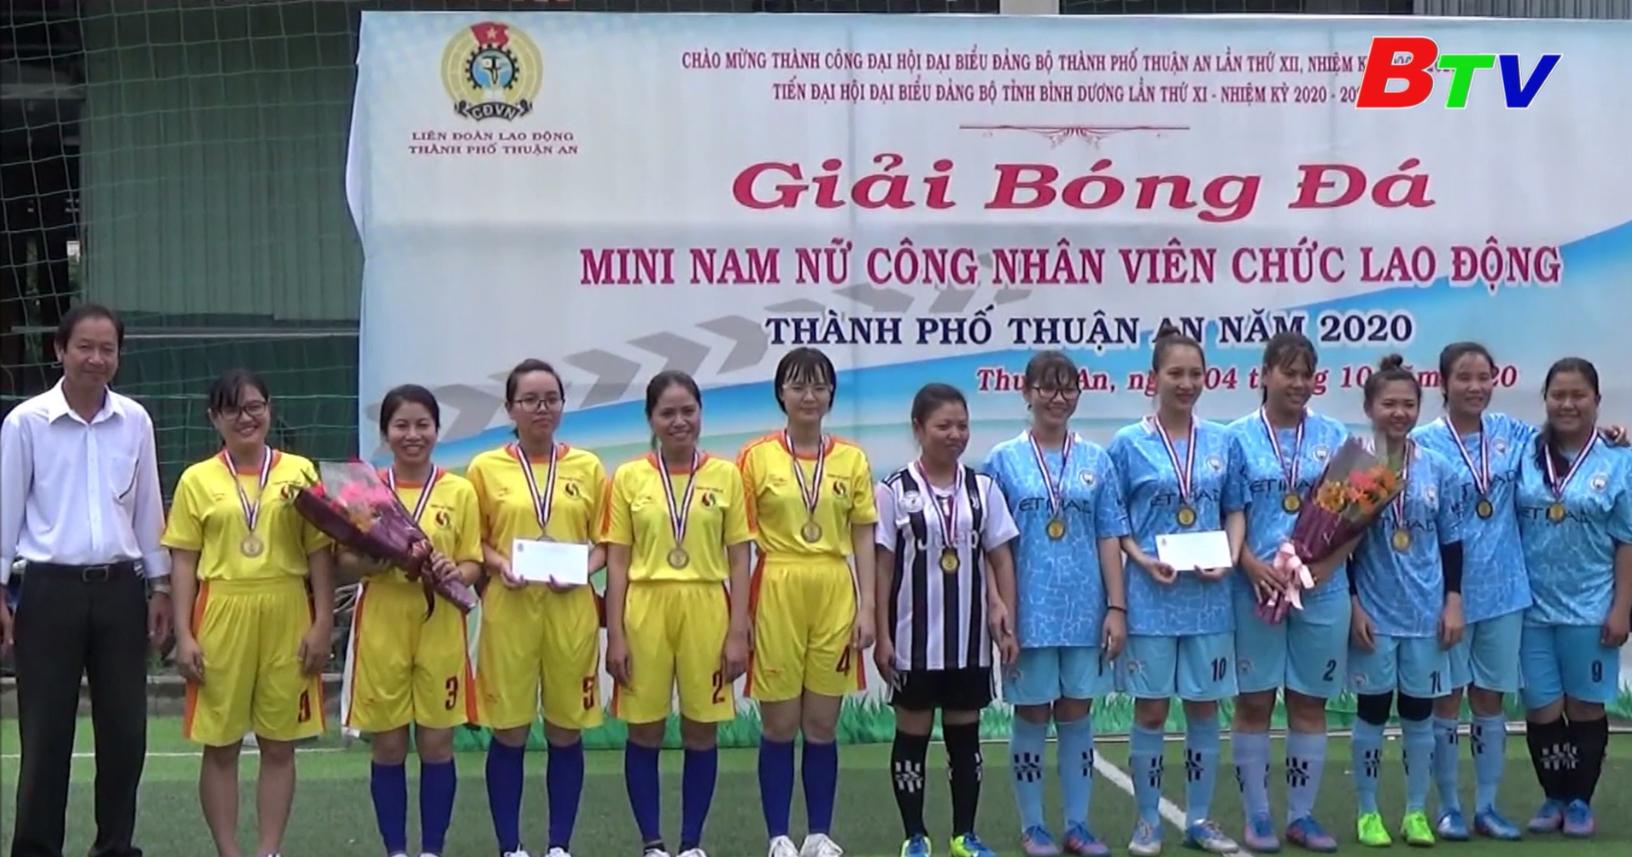 Bế mạc Giải bóng đá mini nam, nữ công nhân viên chức lao động năm 2020